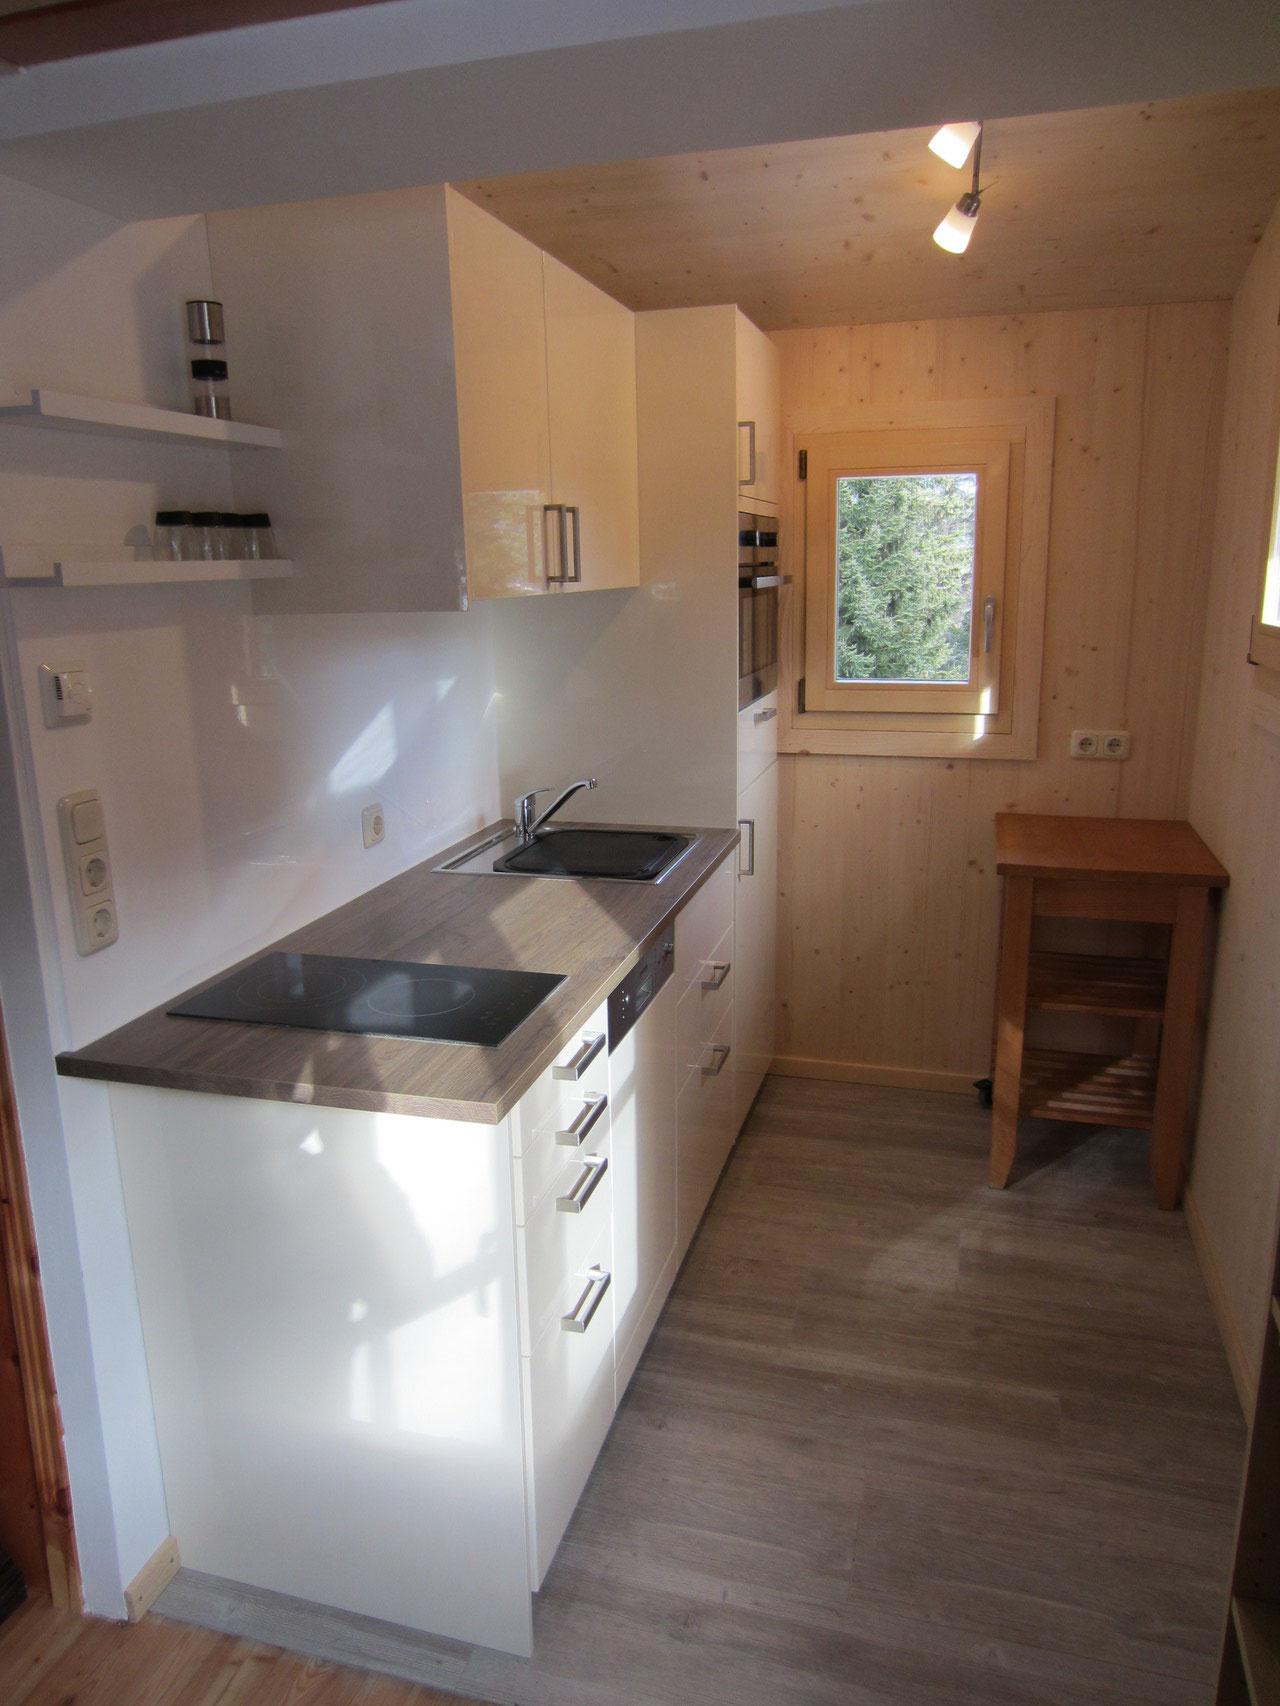 Zirbenwald-Chalet Turracher Höhe - mit geräumiger, voll ausgestatteter Küche